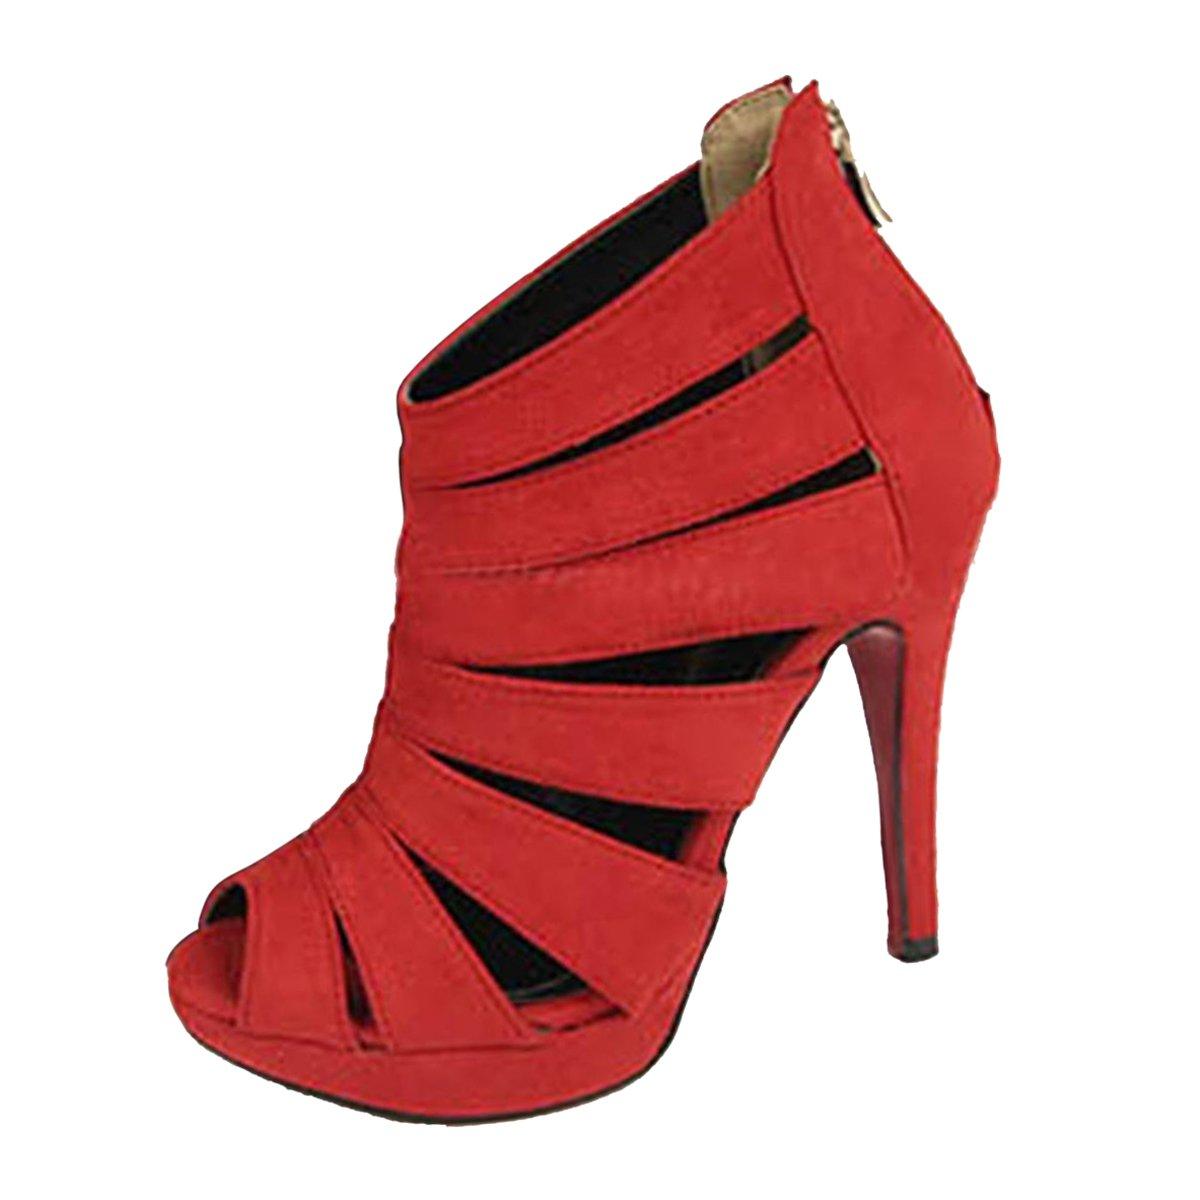 TALLA 37 EU. SODIAL(R) Sandalias de Tacon Alto de Mujer Zapatos Zapatillas de Plataforma de Dedo del pie Abierto Tobillo Negro Tamano 35